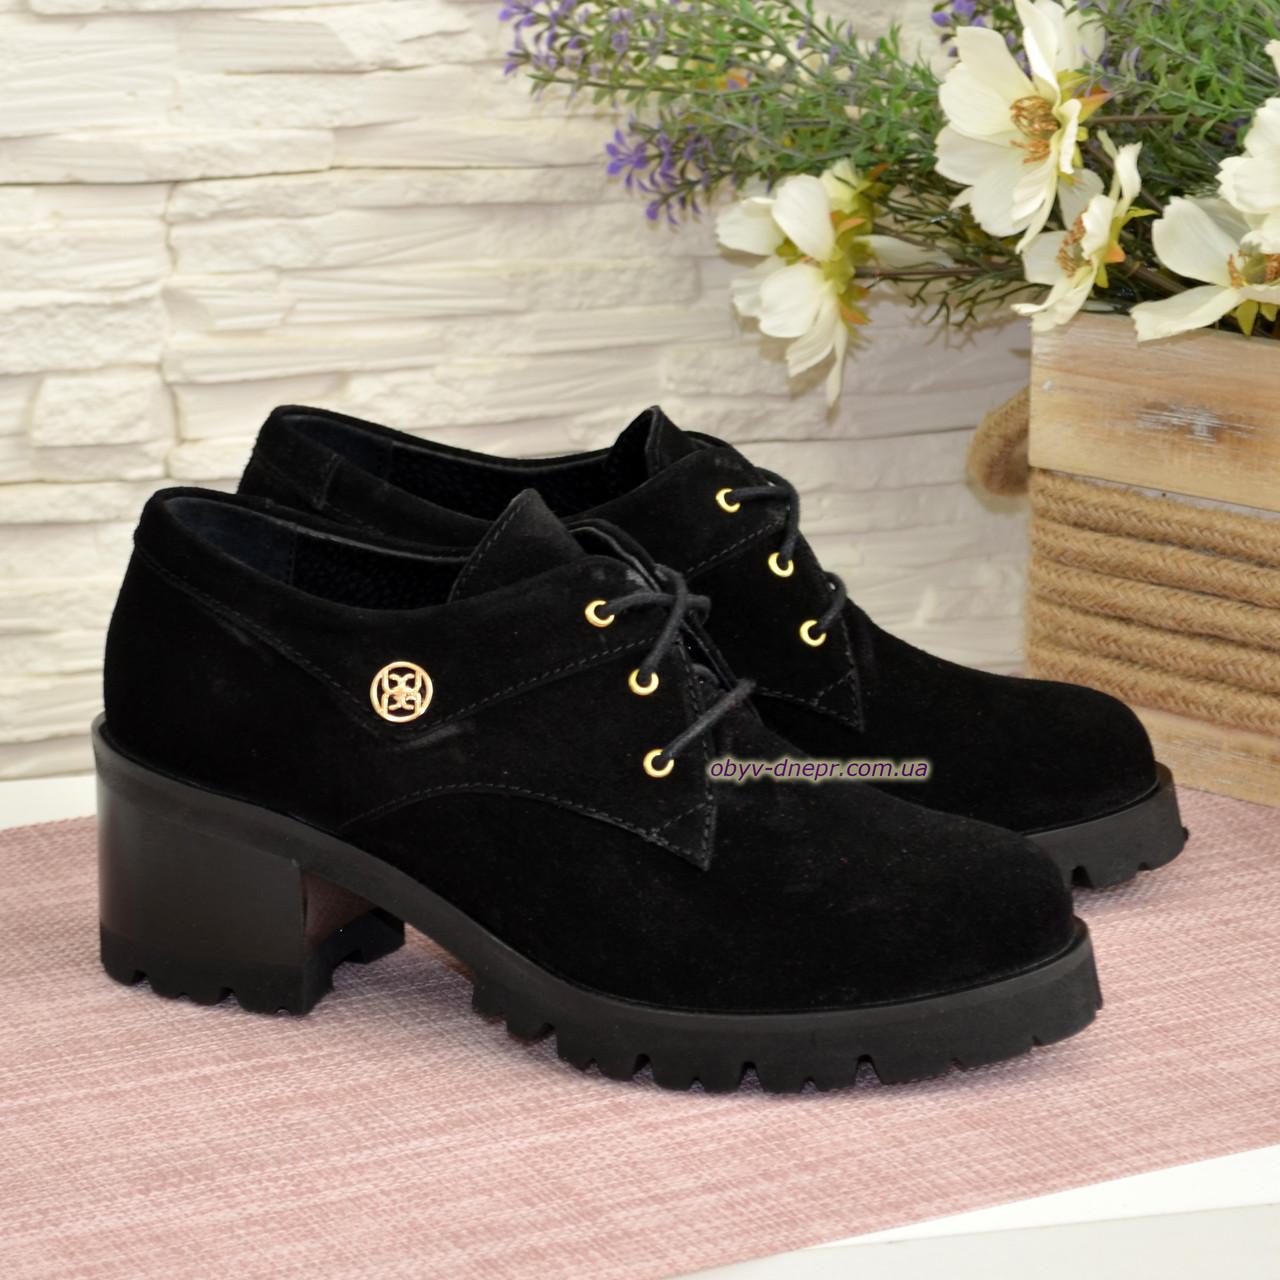 Туфли женские замшевые на шнуровке, декорированы фурнитурой